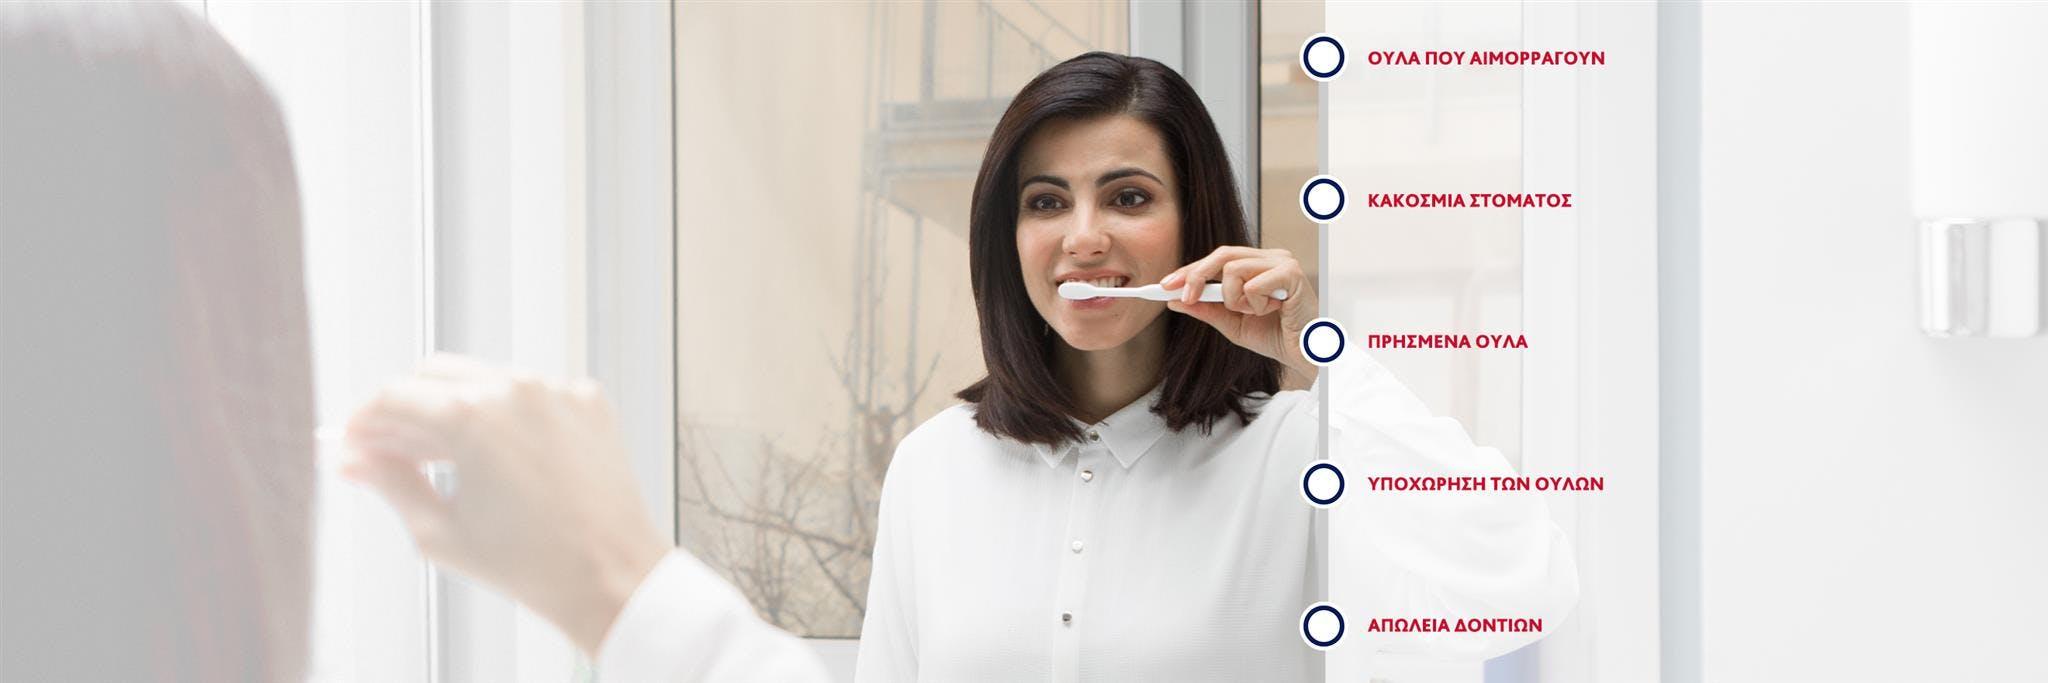 Γυναίκα που βουρτσίζει τα δόντια